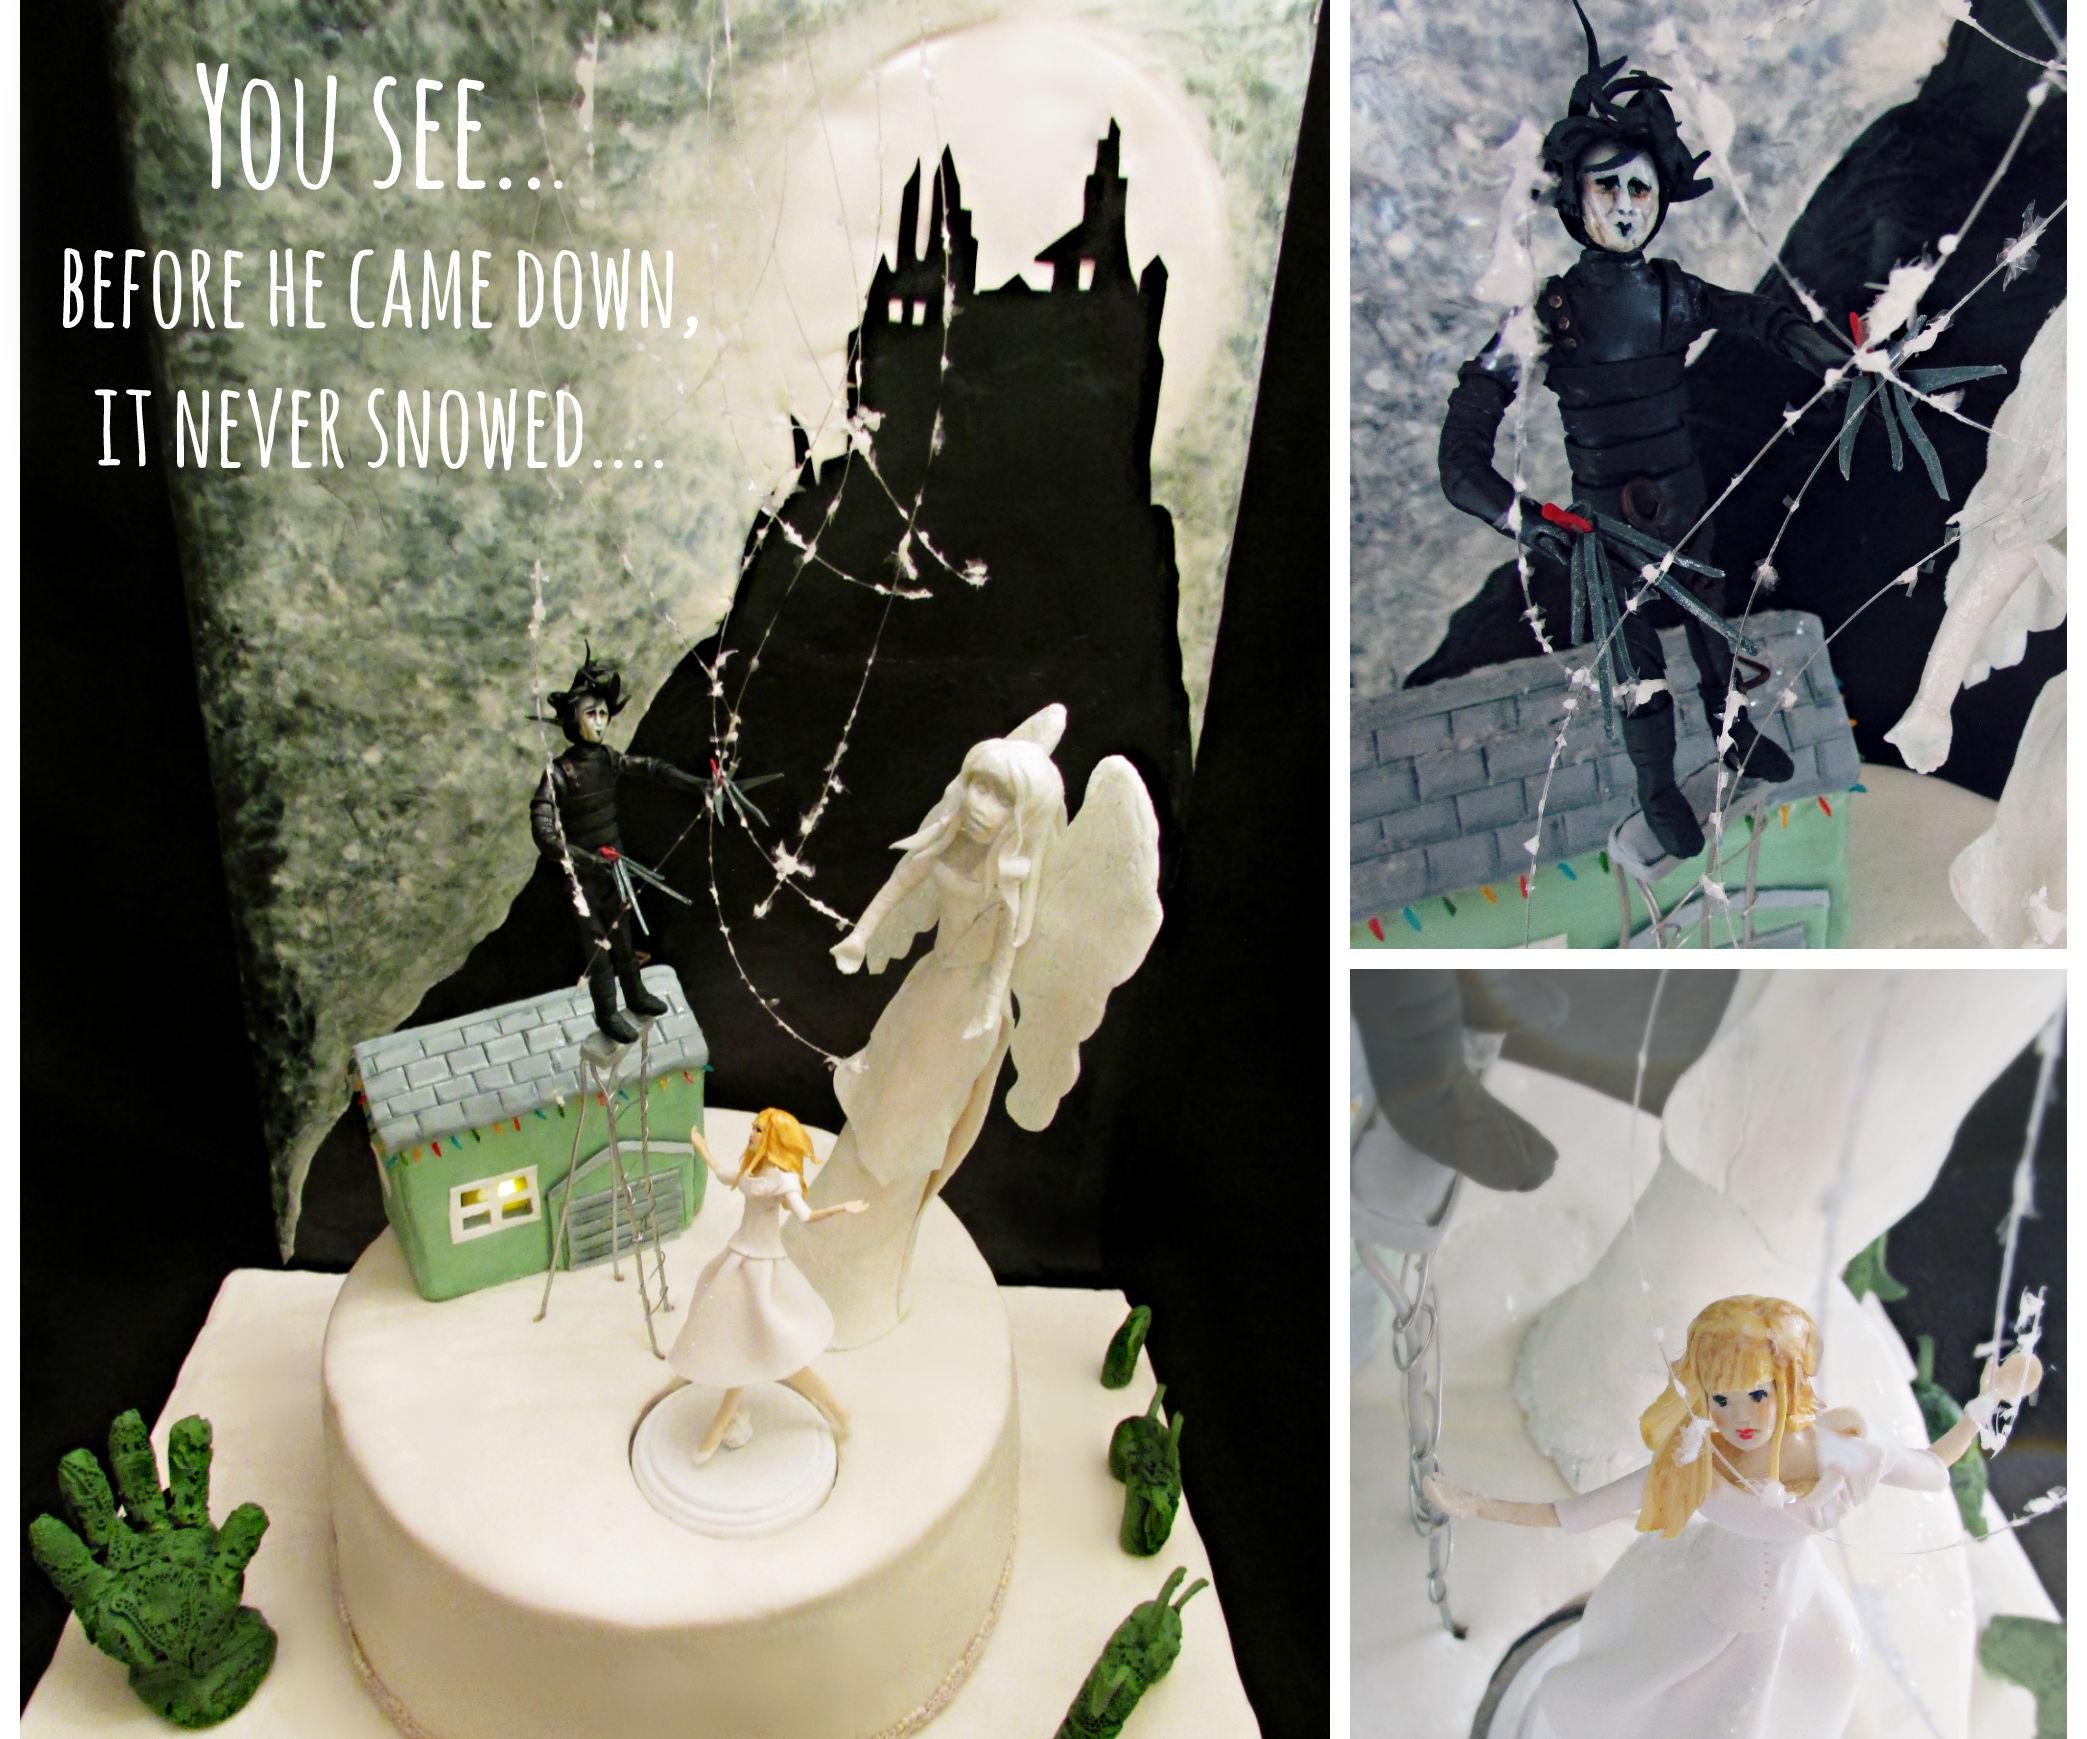 SHE DANCES! Edward Scissorhands ANIMATED Cake!